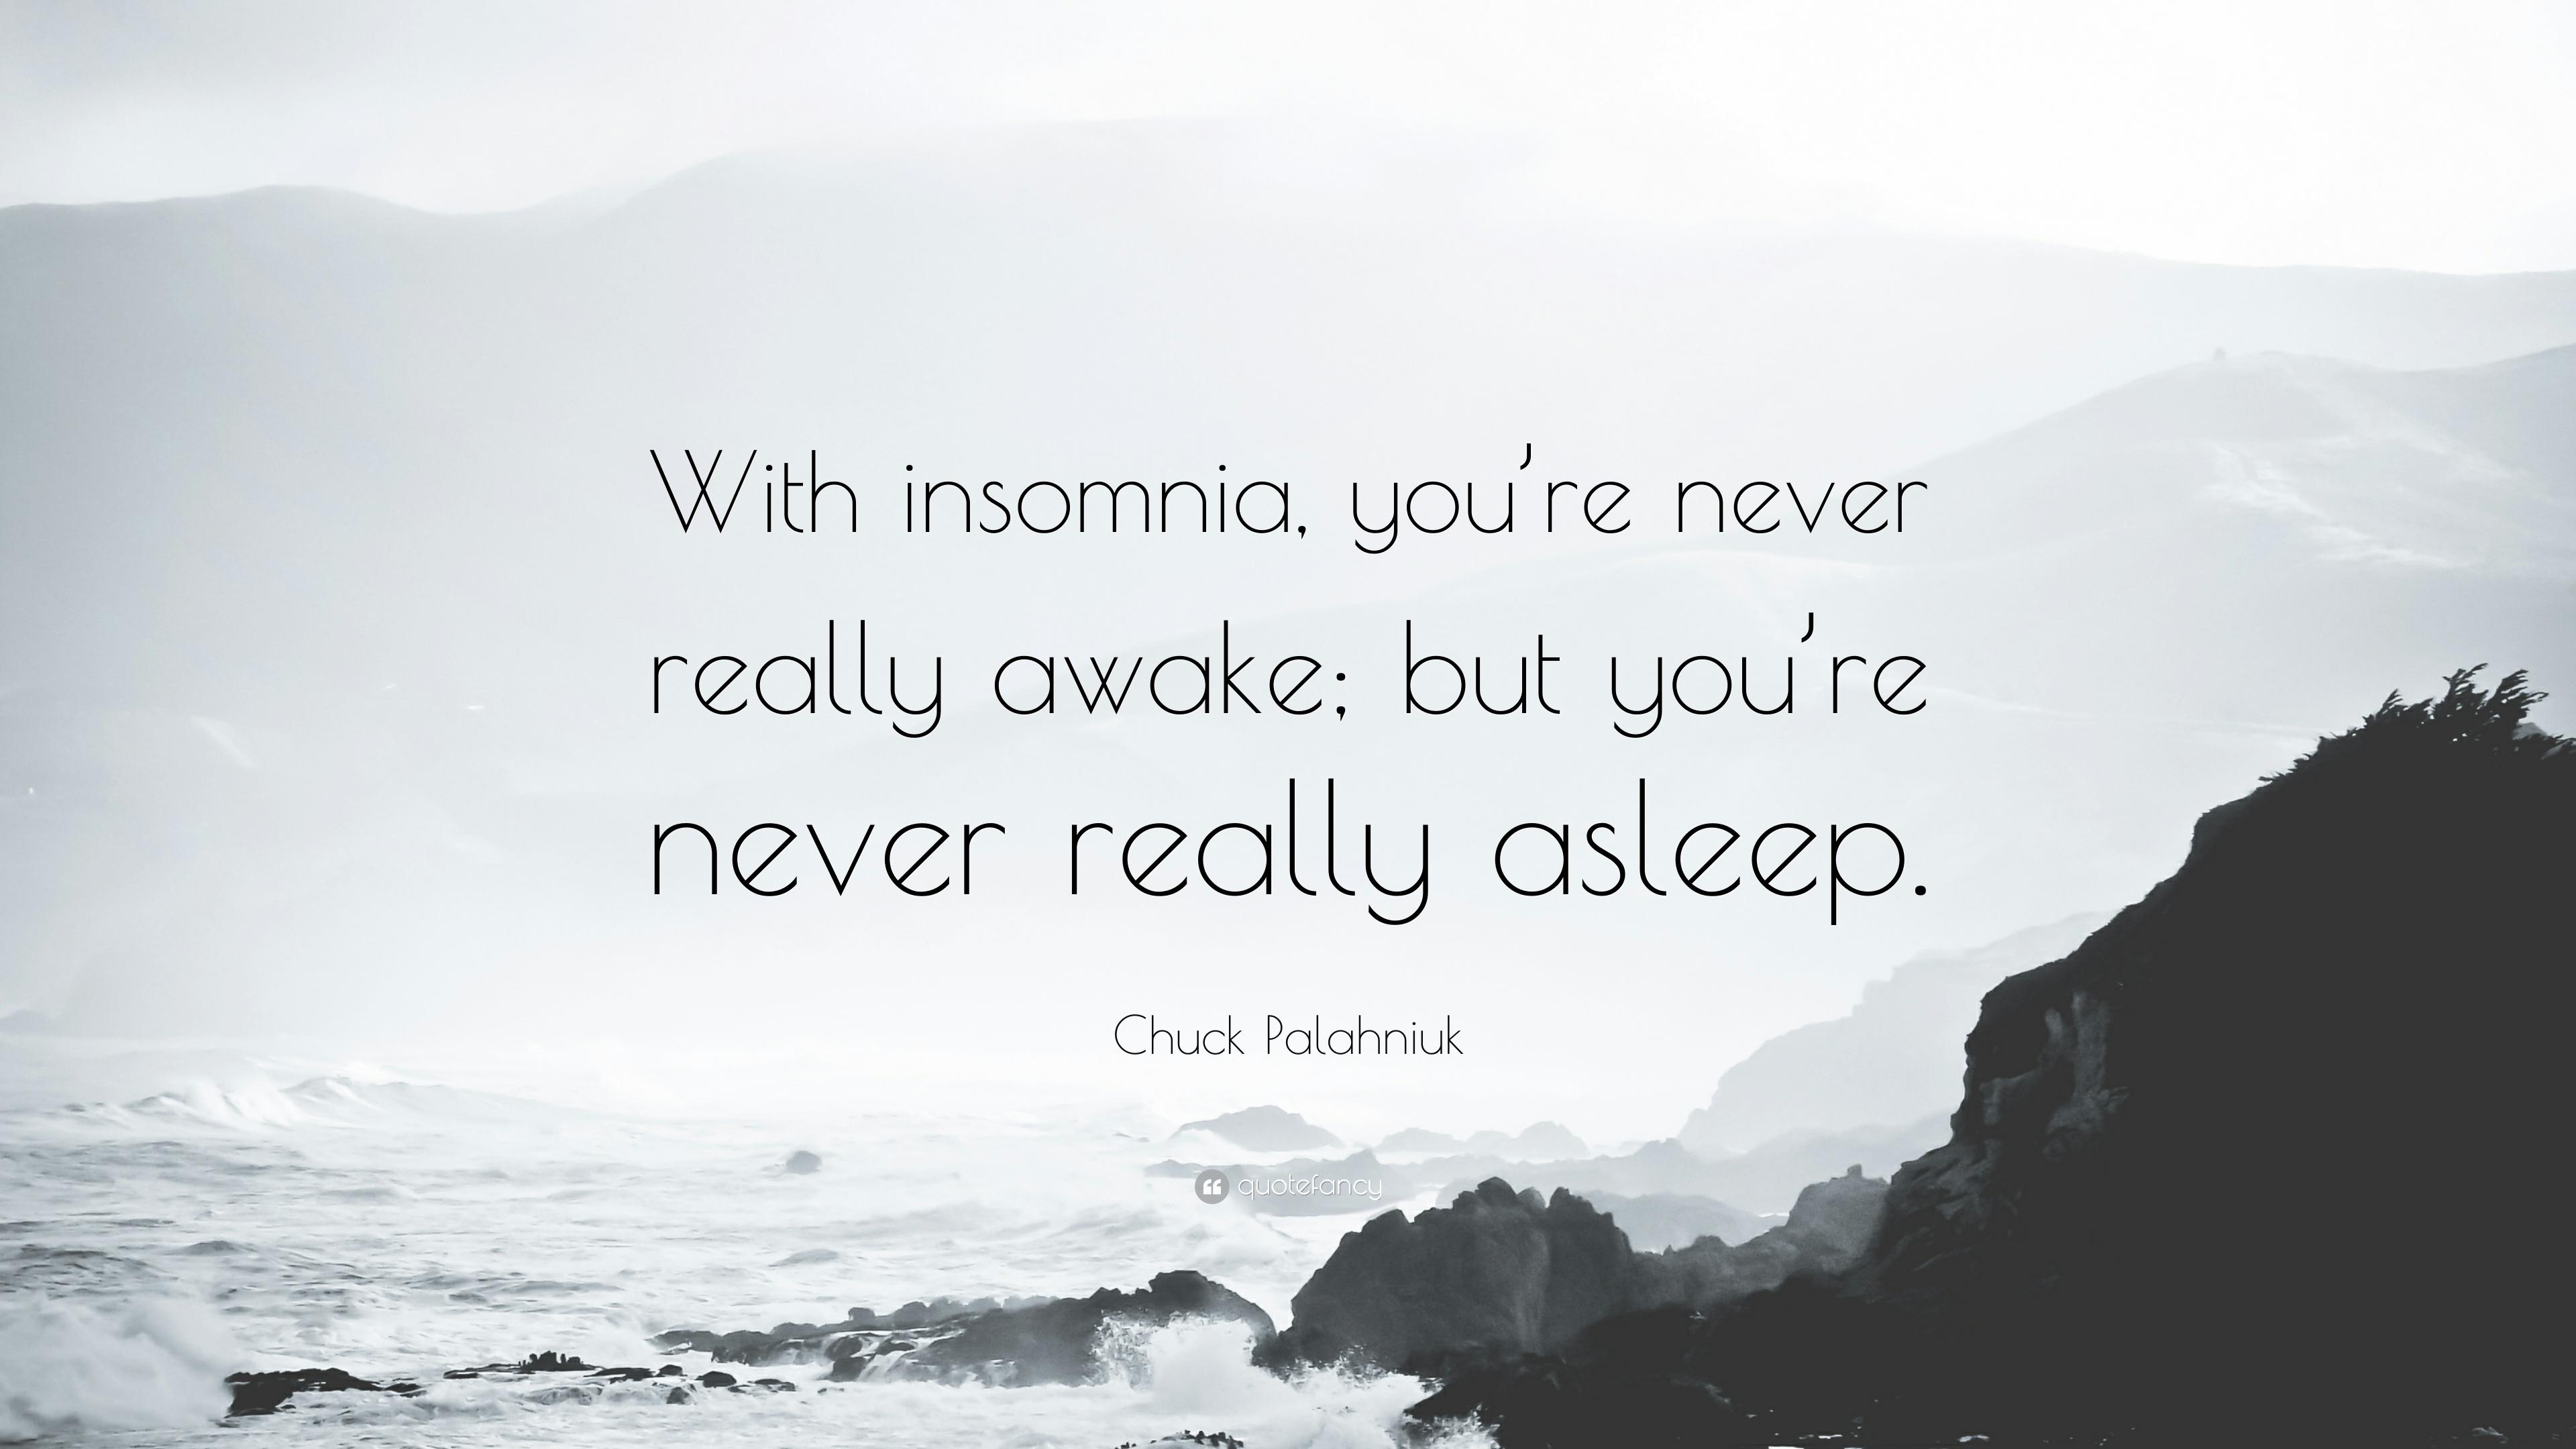 Chuck Palahniuk Quotes 15   640 X 640   Inspirational e quotescom 3840x2160